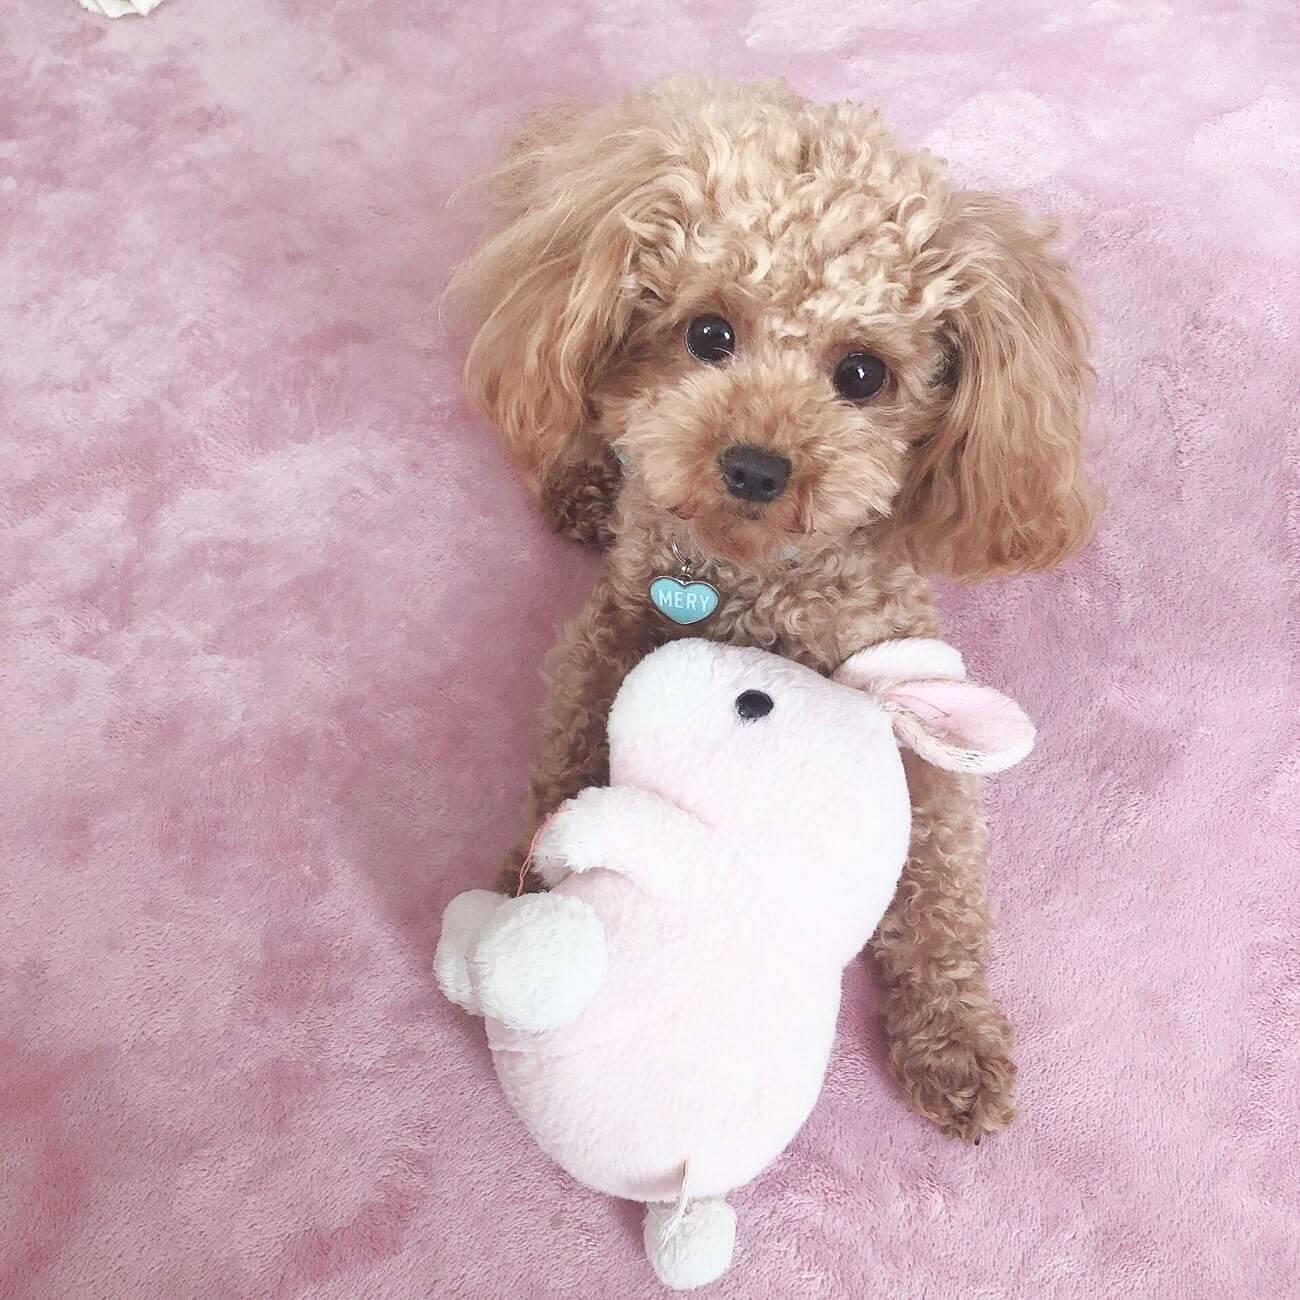 愛犬とうざきのぬいぐるみ